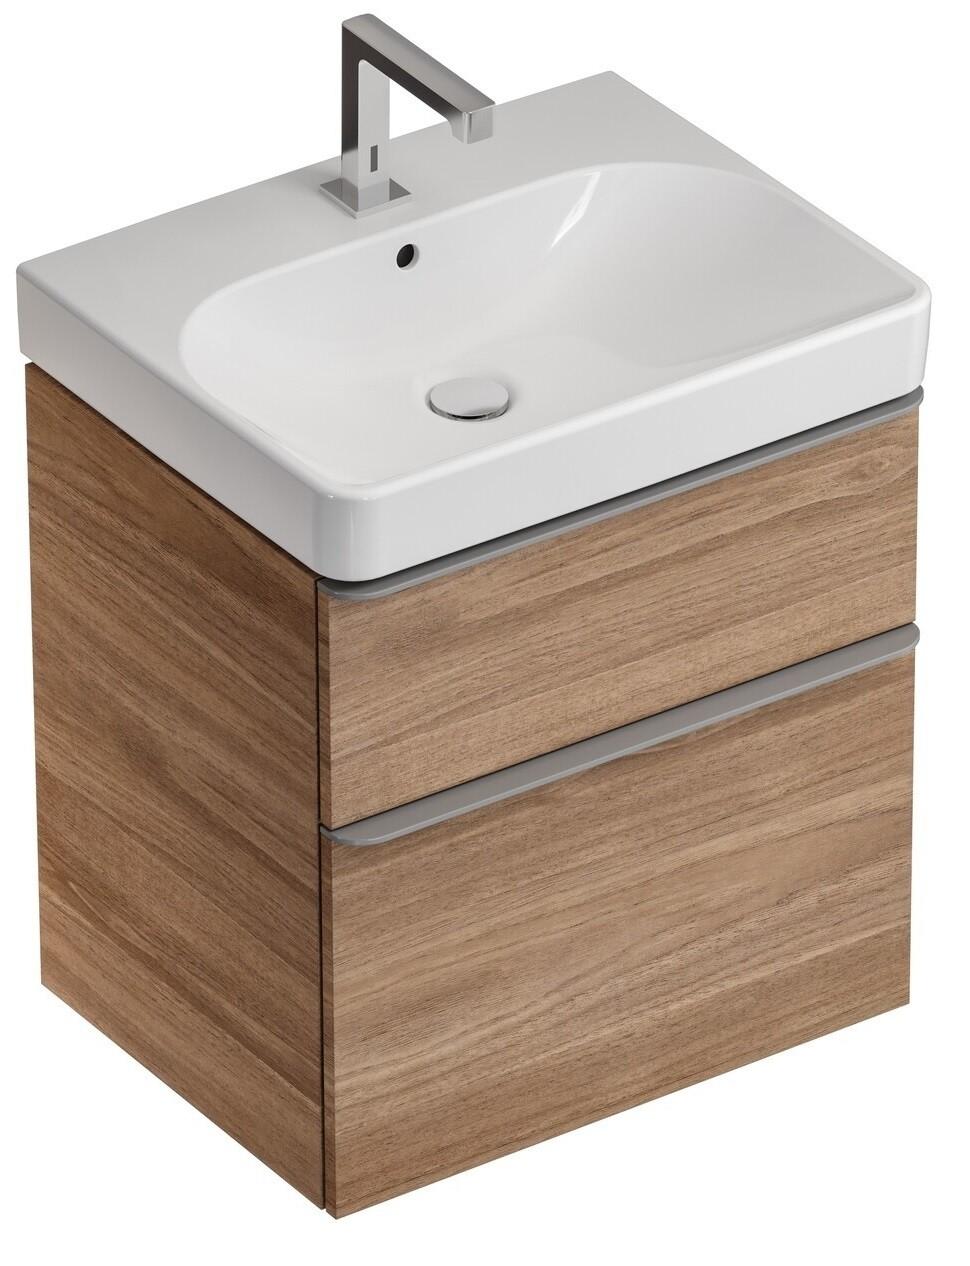 Meuble bas Geberit Smyle Square pour lavabo 75 cm avec deux tiroirs en noyer Carya